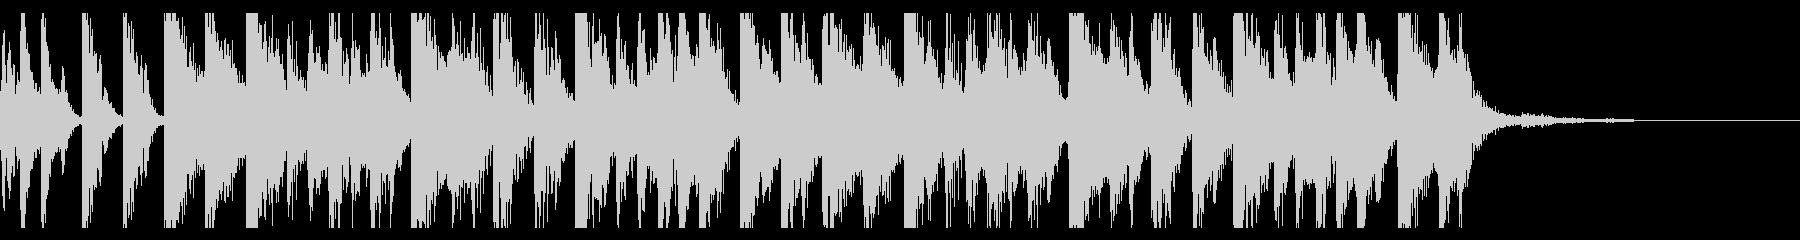 80年代ユーロビート風ジングルの未再生の波形